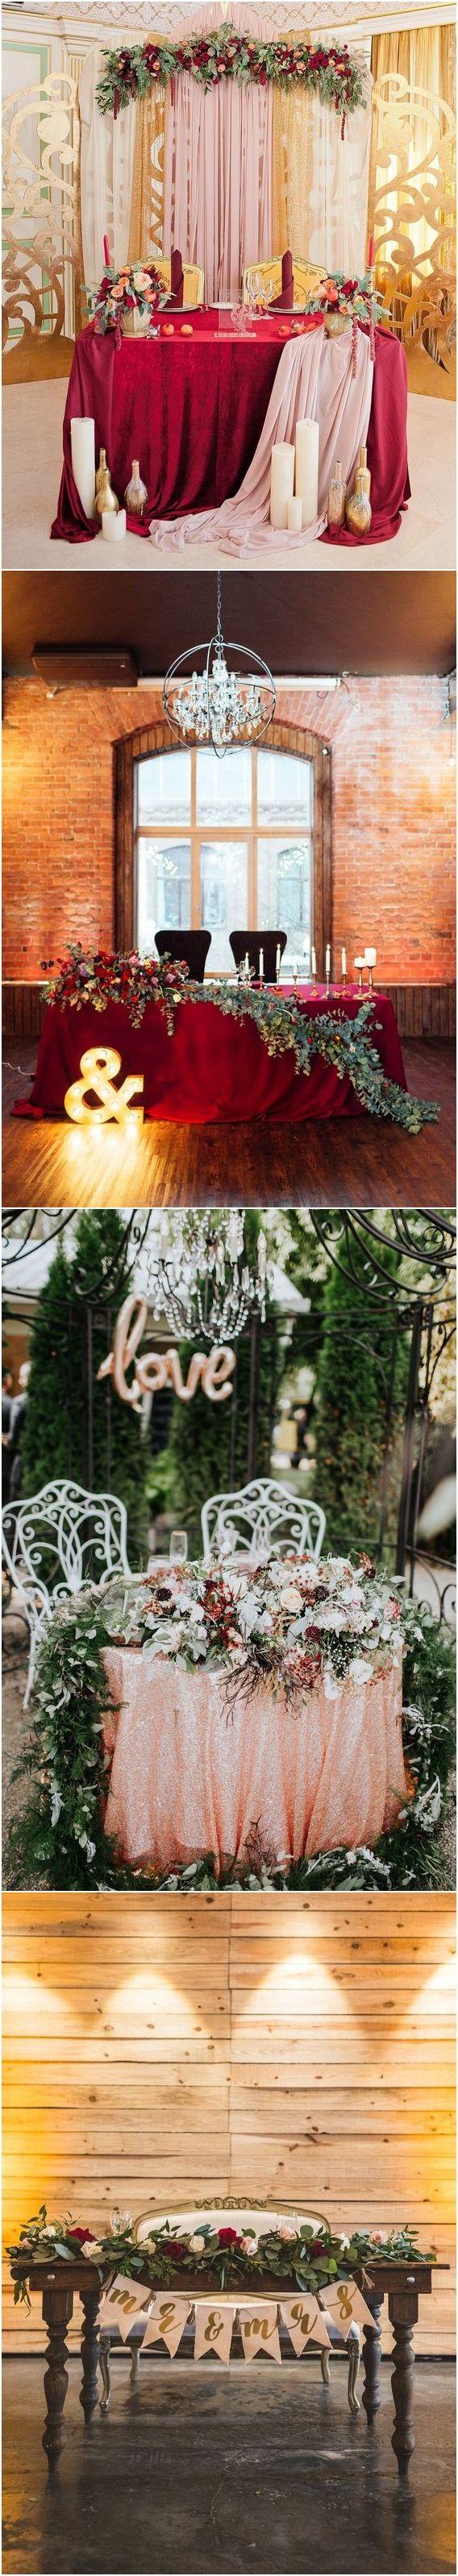 Fall wedding decoration ideas reception   Fall Wedding Reception  Sweetheart Table Ideas  Wedding Decor